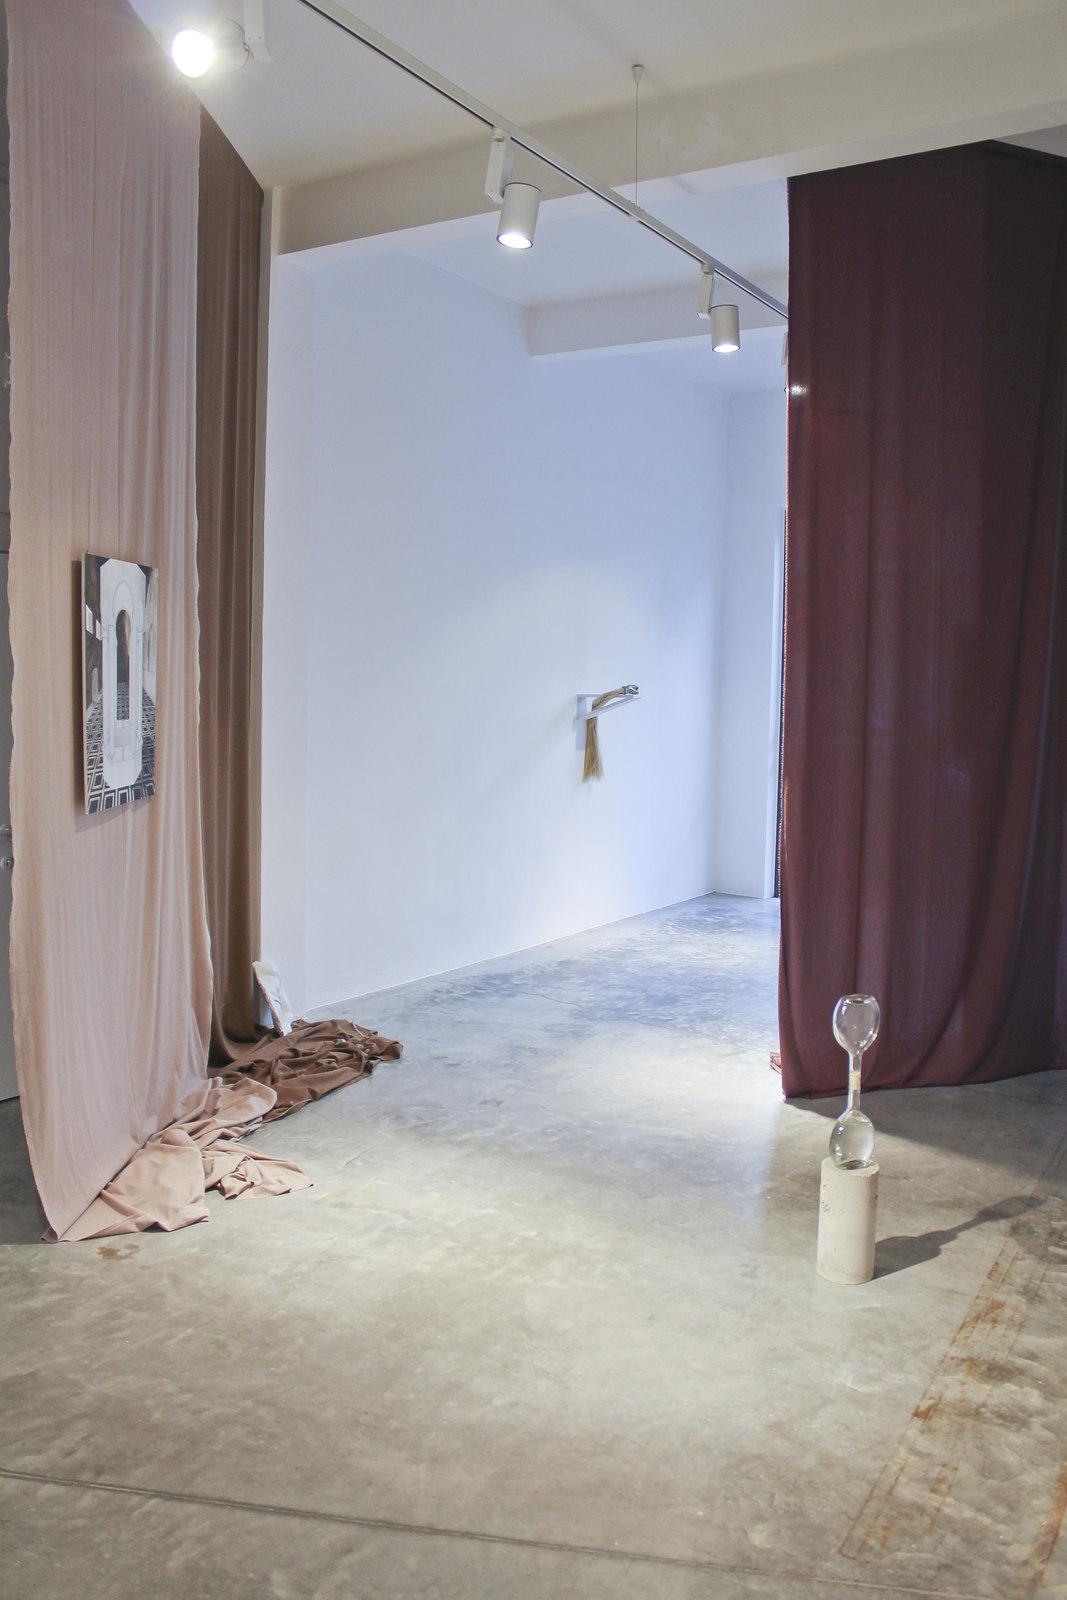 Federico Acal & Liesbeth Doms at DMW Art Space 08